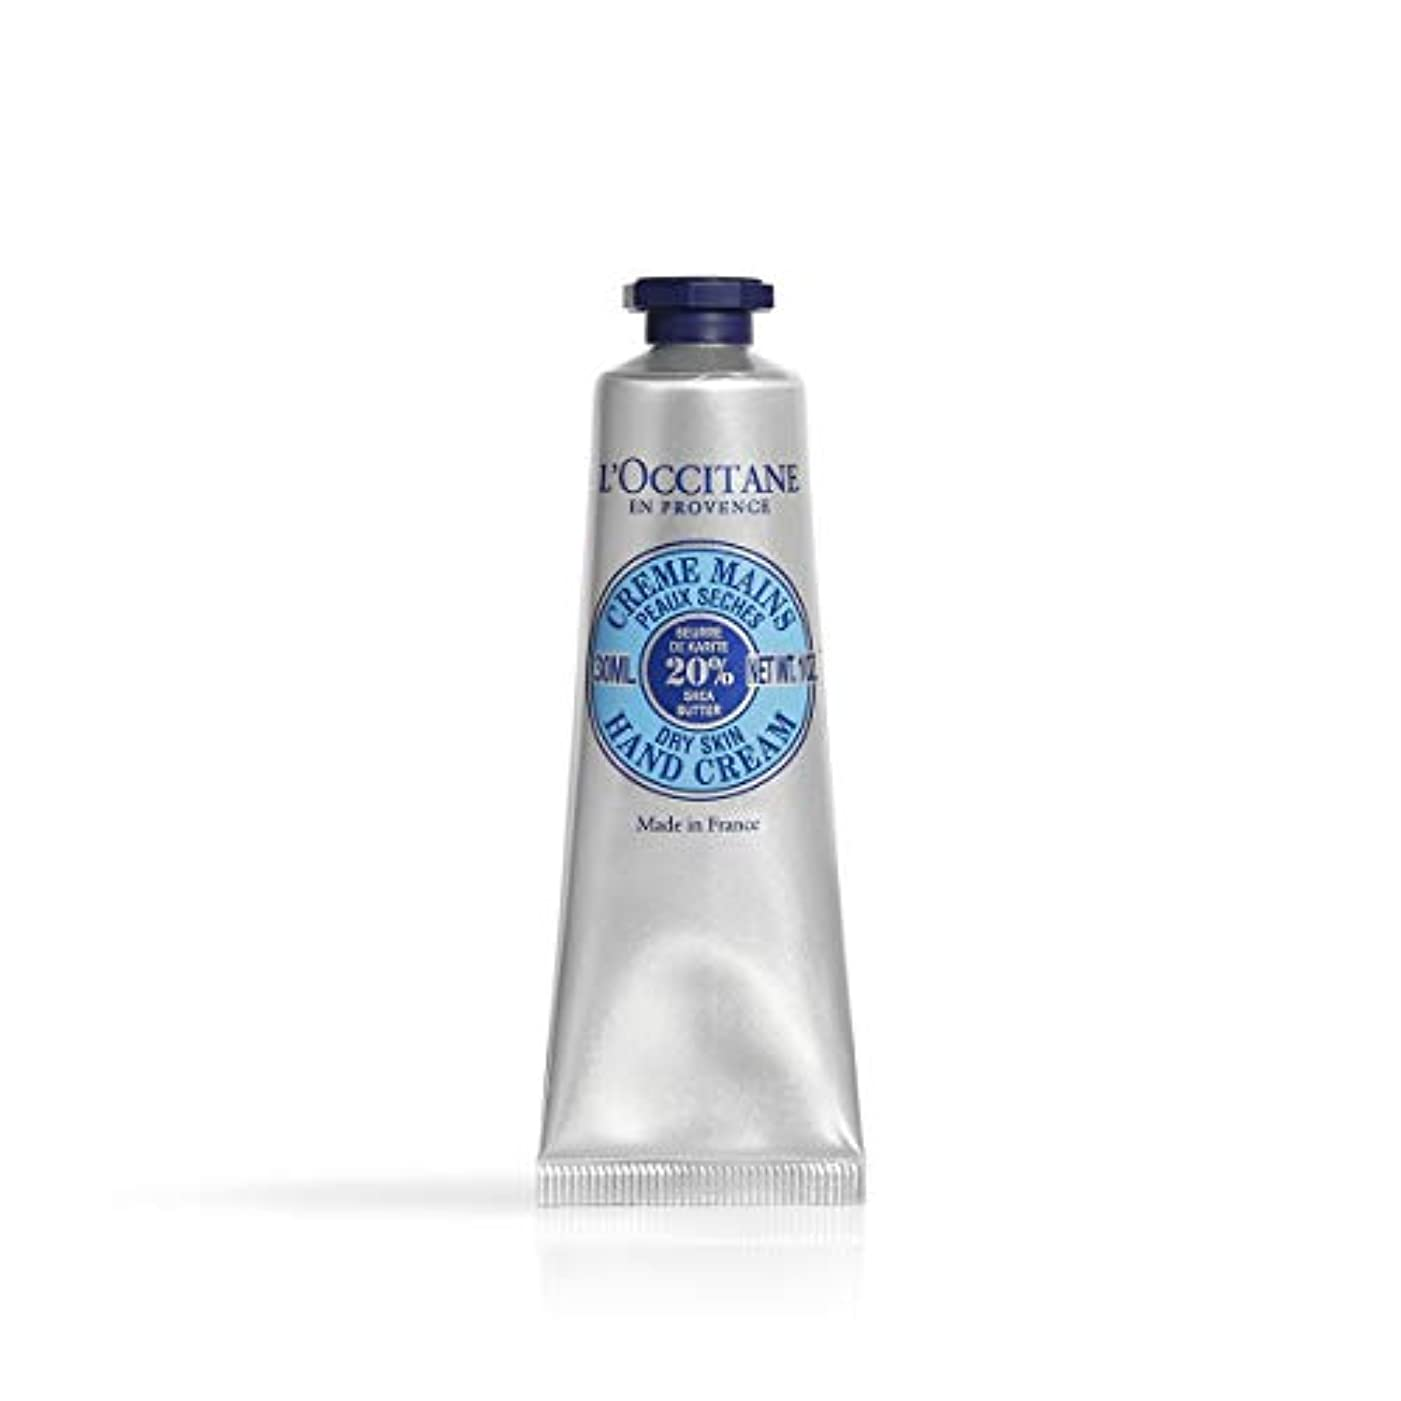 前兆モードリン蒸留するロクシタン(L'OCCITANE) シア ハンドクリーム 30ml